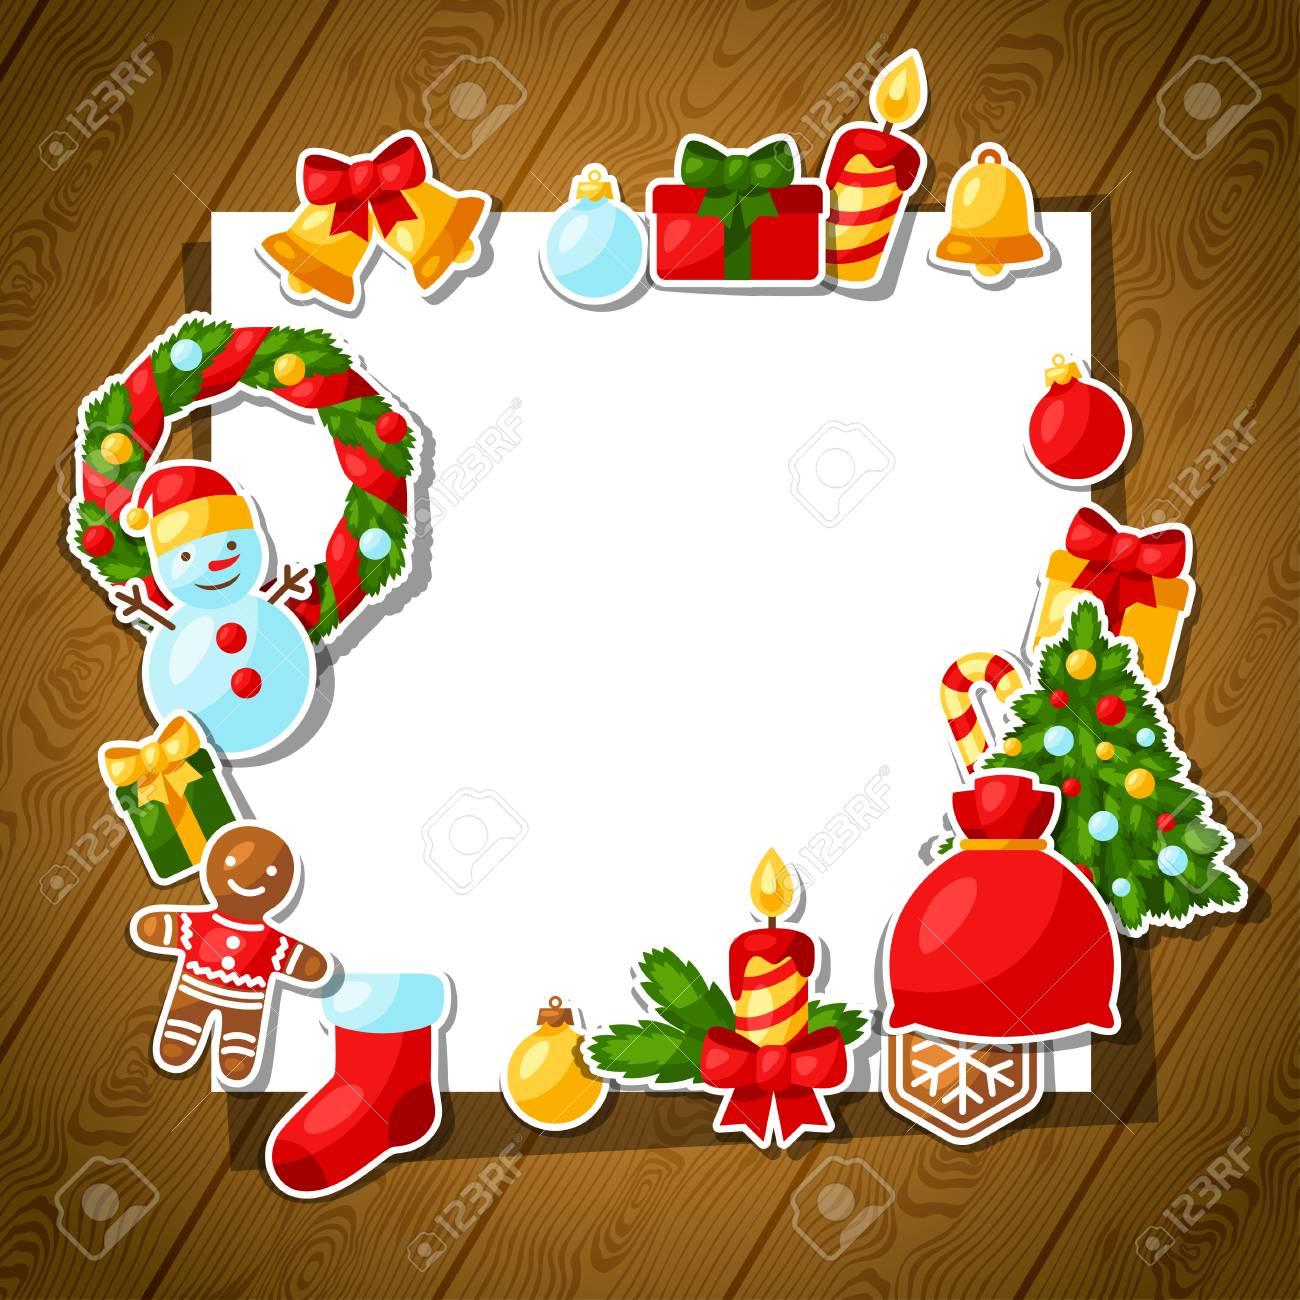 Feliz Navidad Y Feliz Año Nuevo Plantilla De La Pegatina De La Tarjeta De Invitación